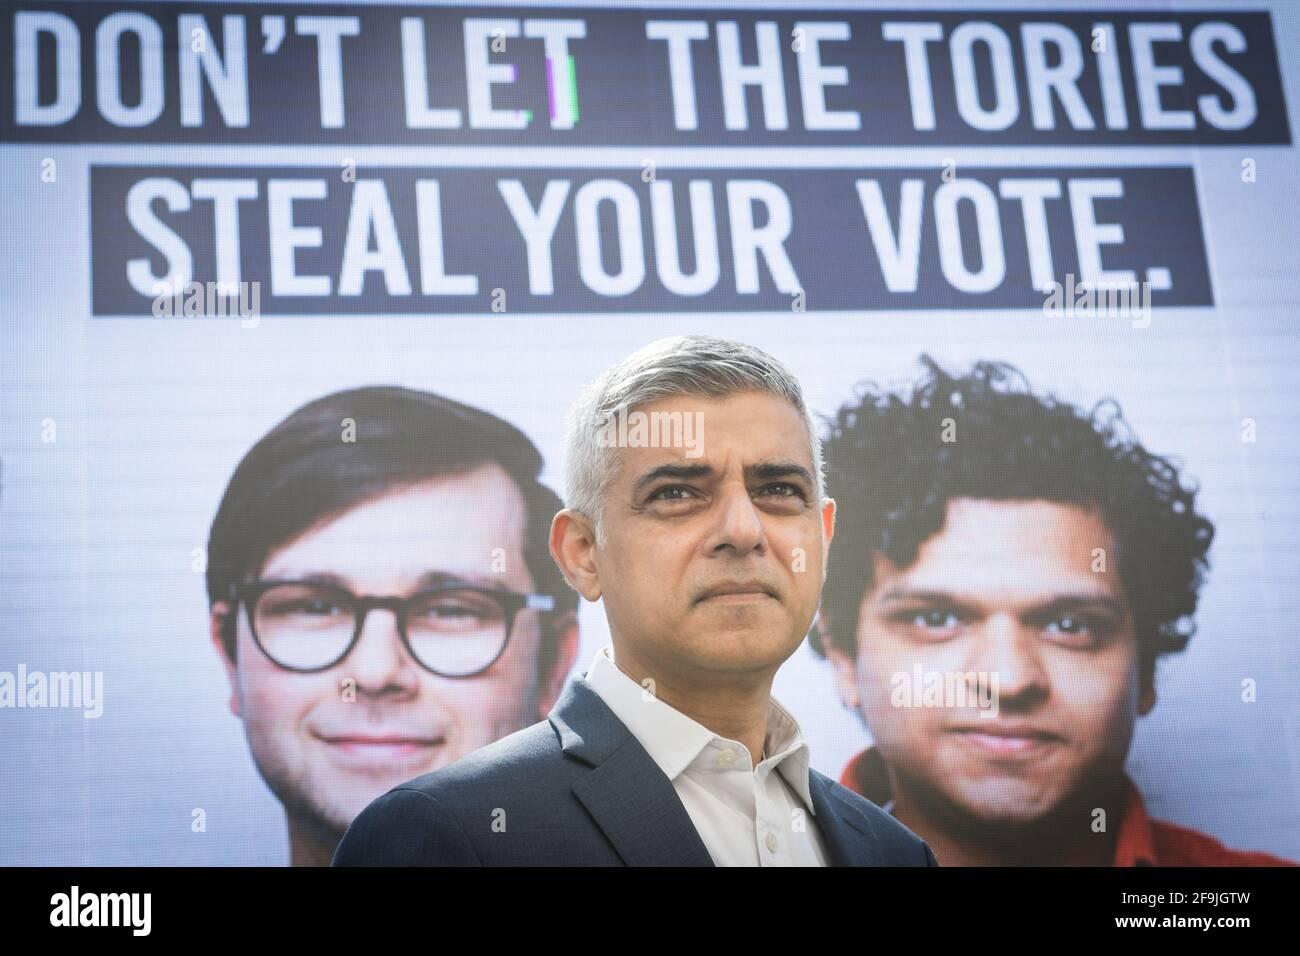 Le maire travailliste de Londres, Sadiq Khan, dévoile une nouvelle publicité de campagne à Westminster, Londres, exhortant les Londoniens à s'inscrire à un vote postal avant la date limite, tout en étant sur la piste de campagne pour les élections Mayorales à Londres. Date de la photo: Lundi 19 avril 2021. Banque D'Images